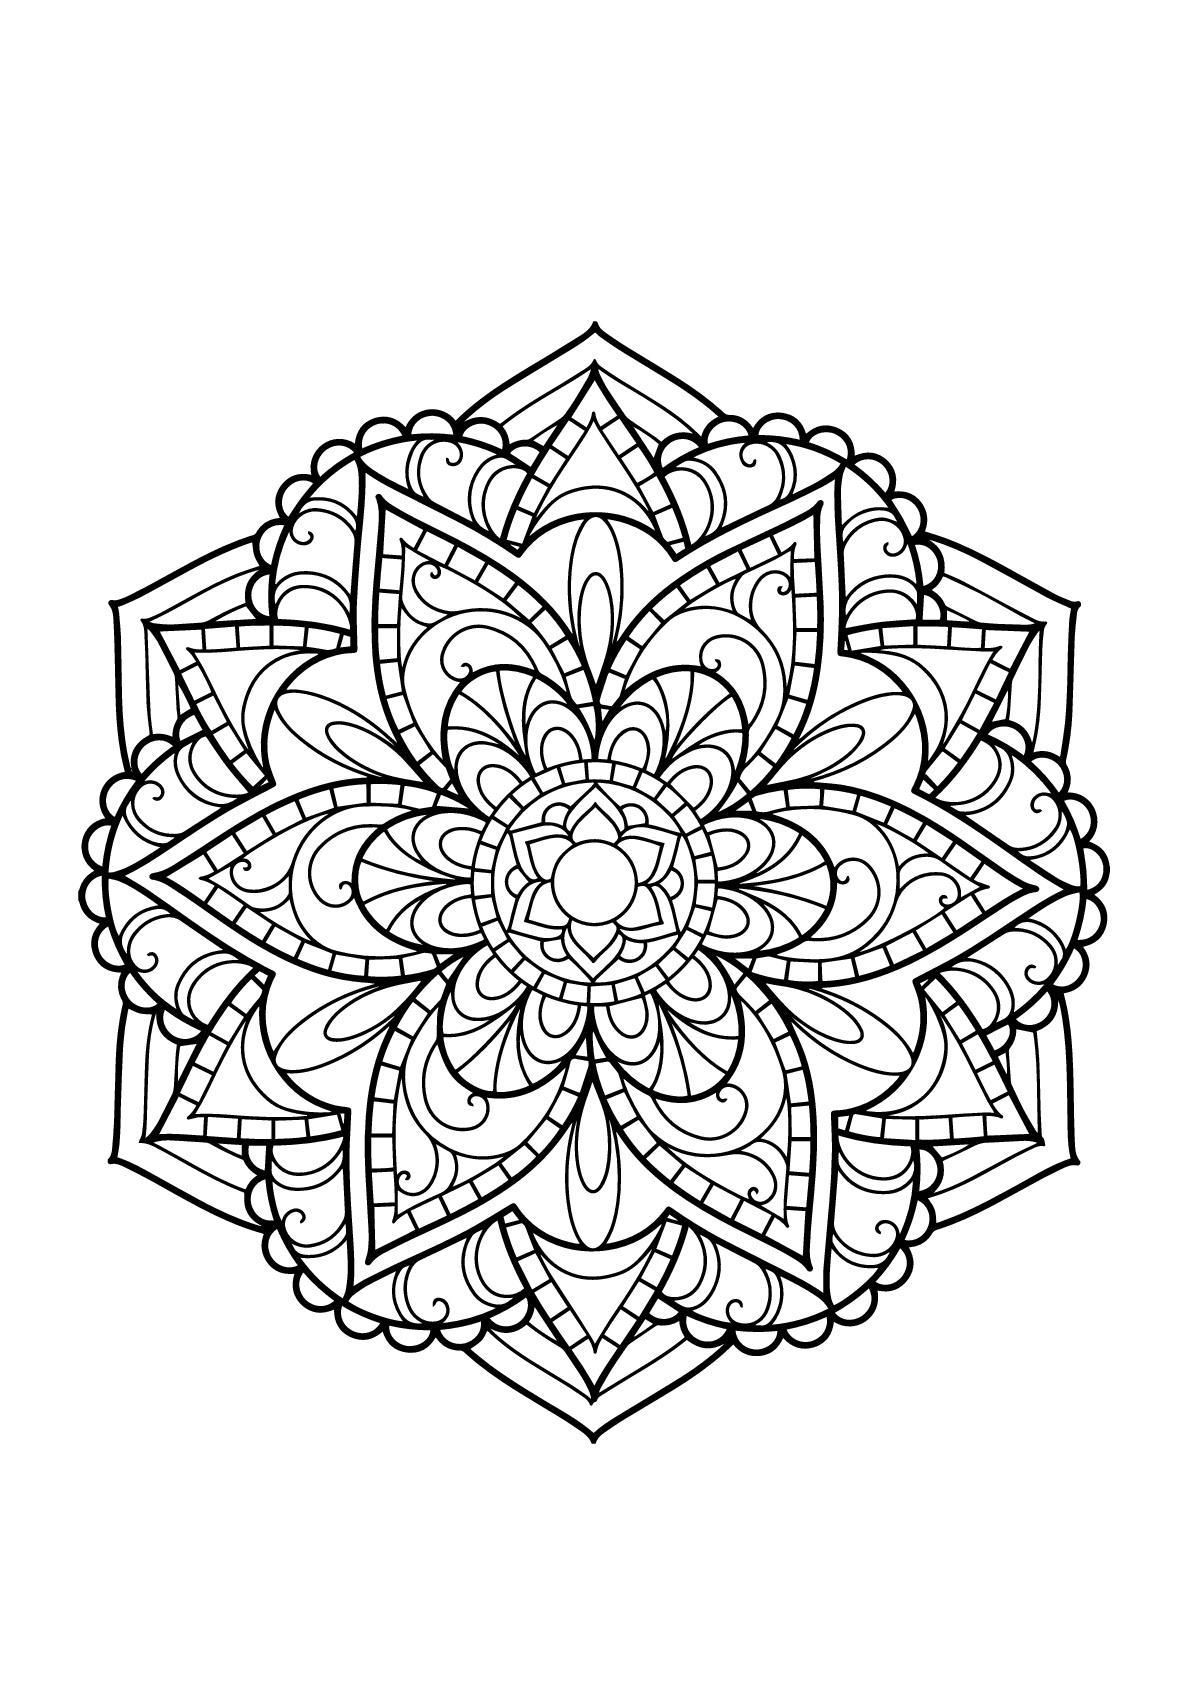 Mandala livre gratuit 15 mandalas coloriages difficiles pour adultes - Grand mandala ...